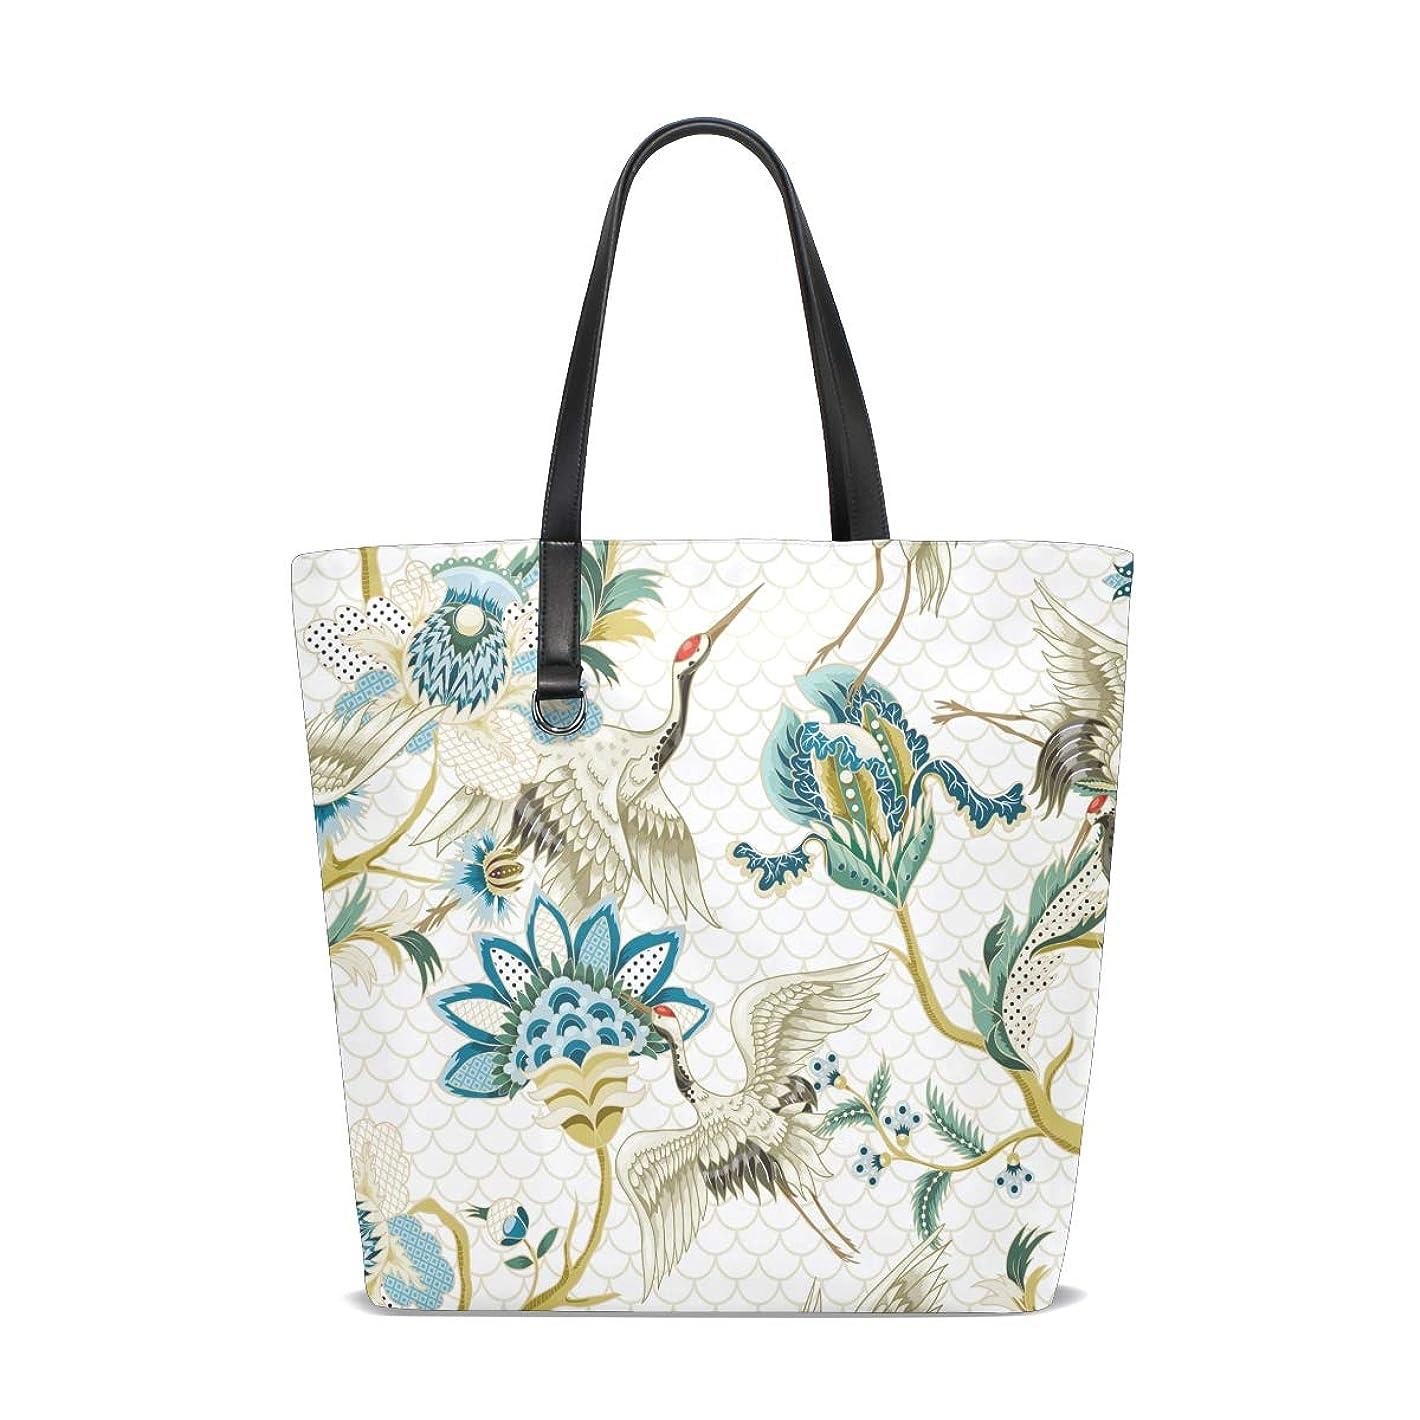 ロータリー八奇跡的なトートバッグ かばん ポリエステル+レザー クレーンと花柄 抽象 木ノ葉 両面使える 大容量 通勤通学 メンズ レディース